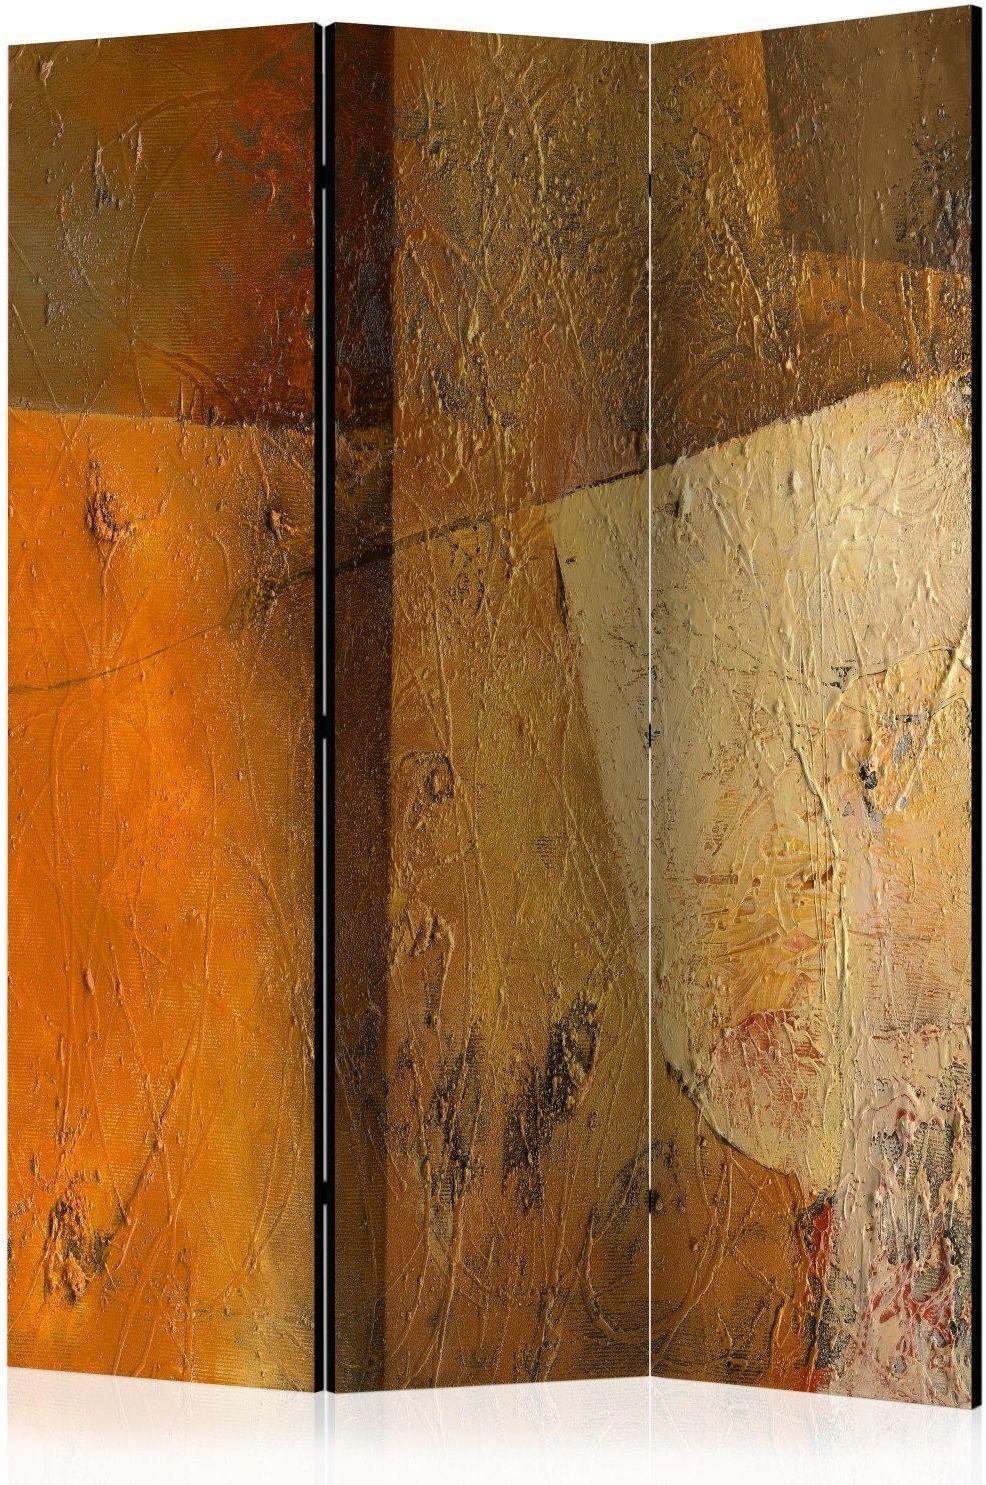 Parawan 3-częściowy - nowoczesny artyzm [room dividers]